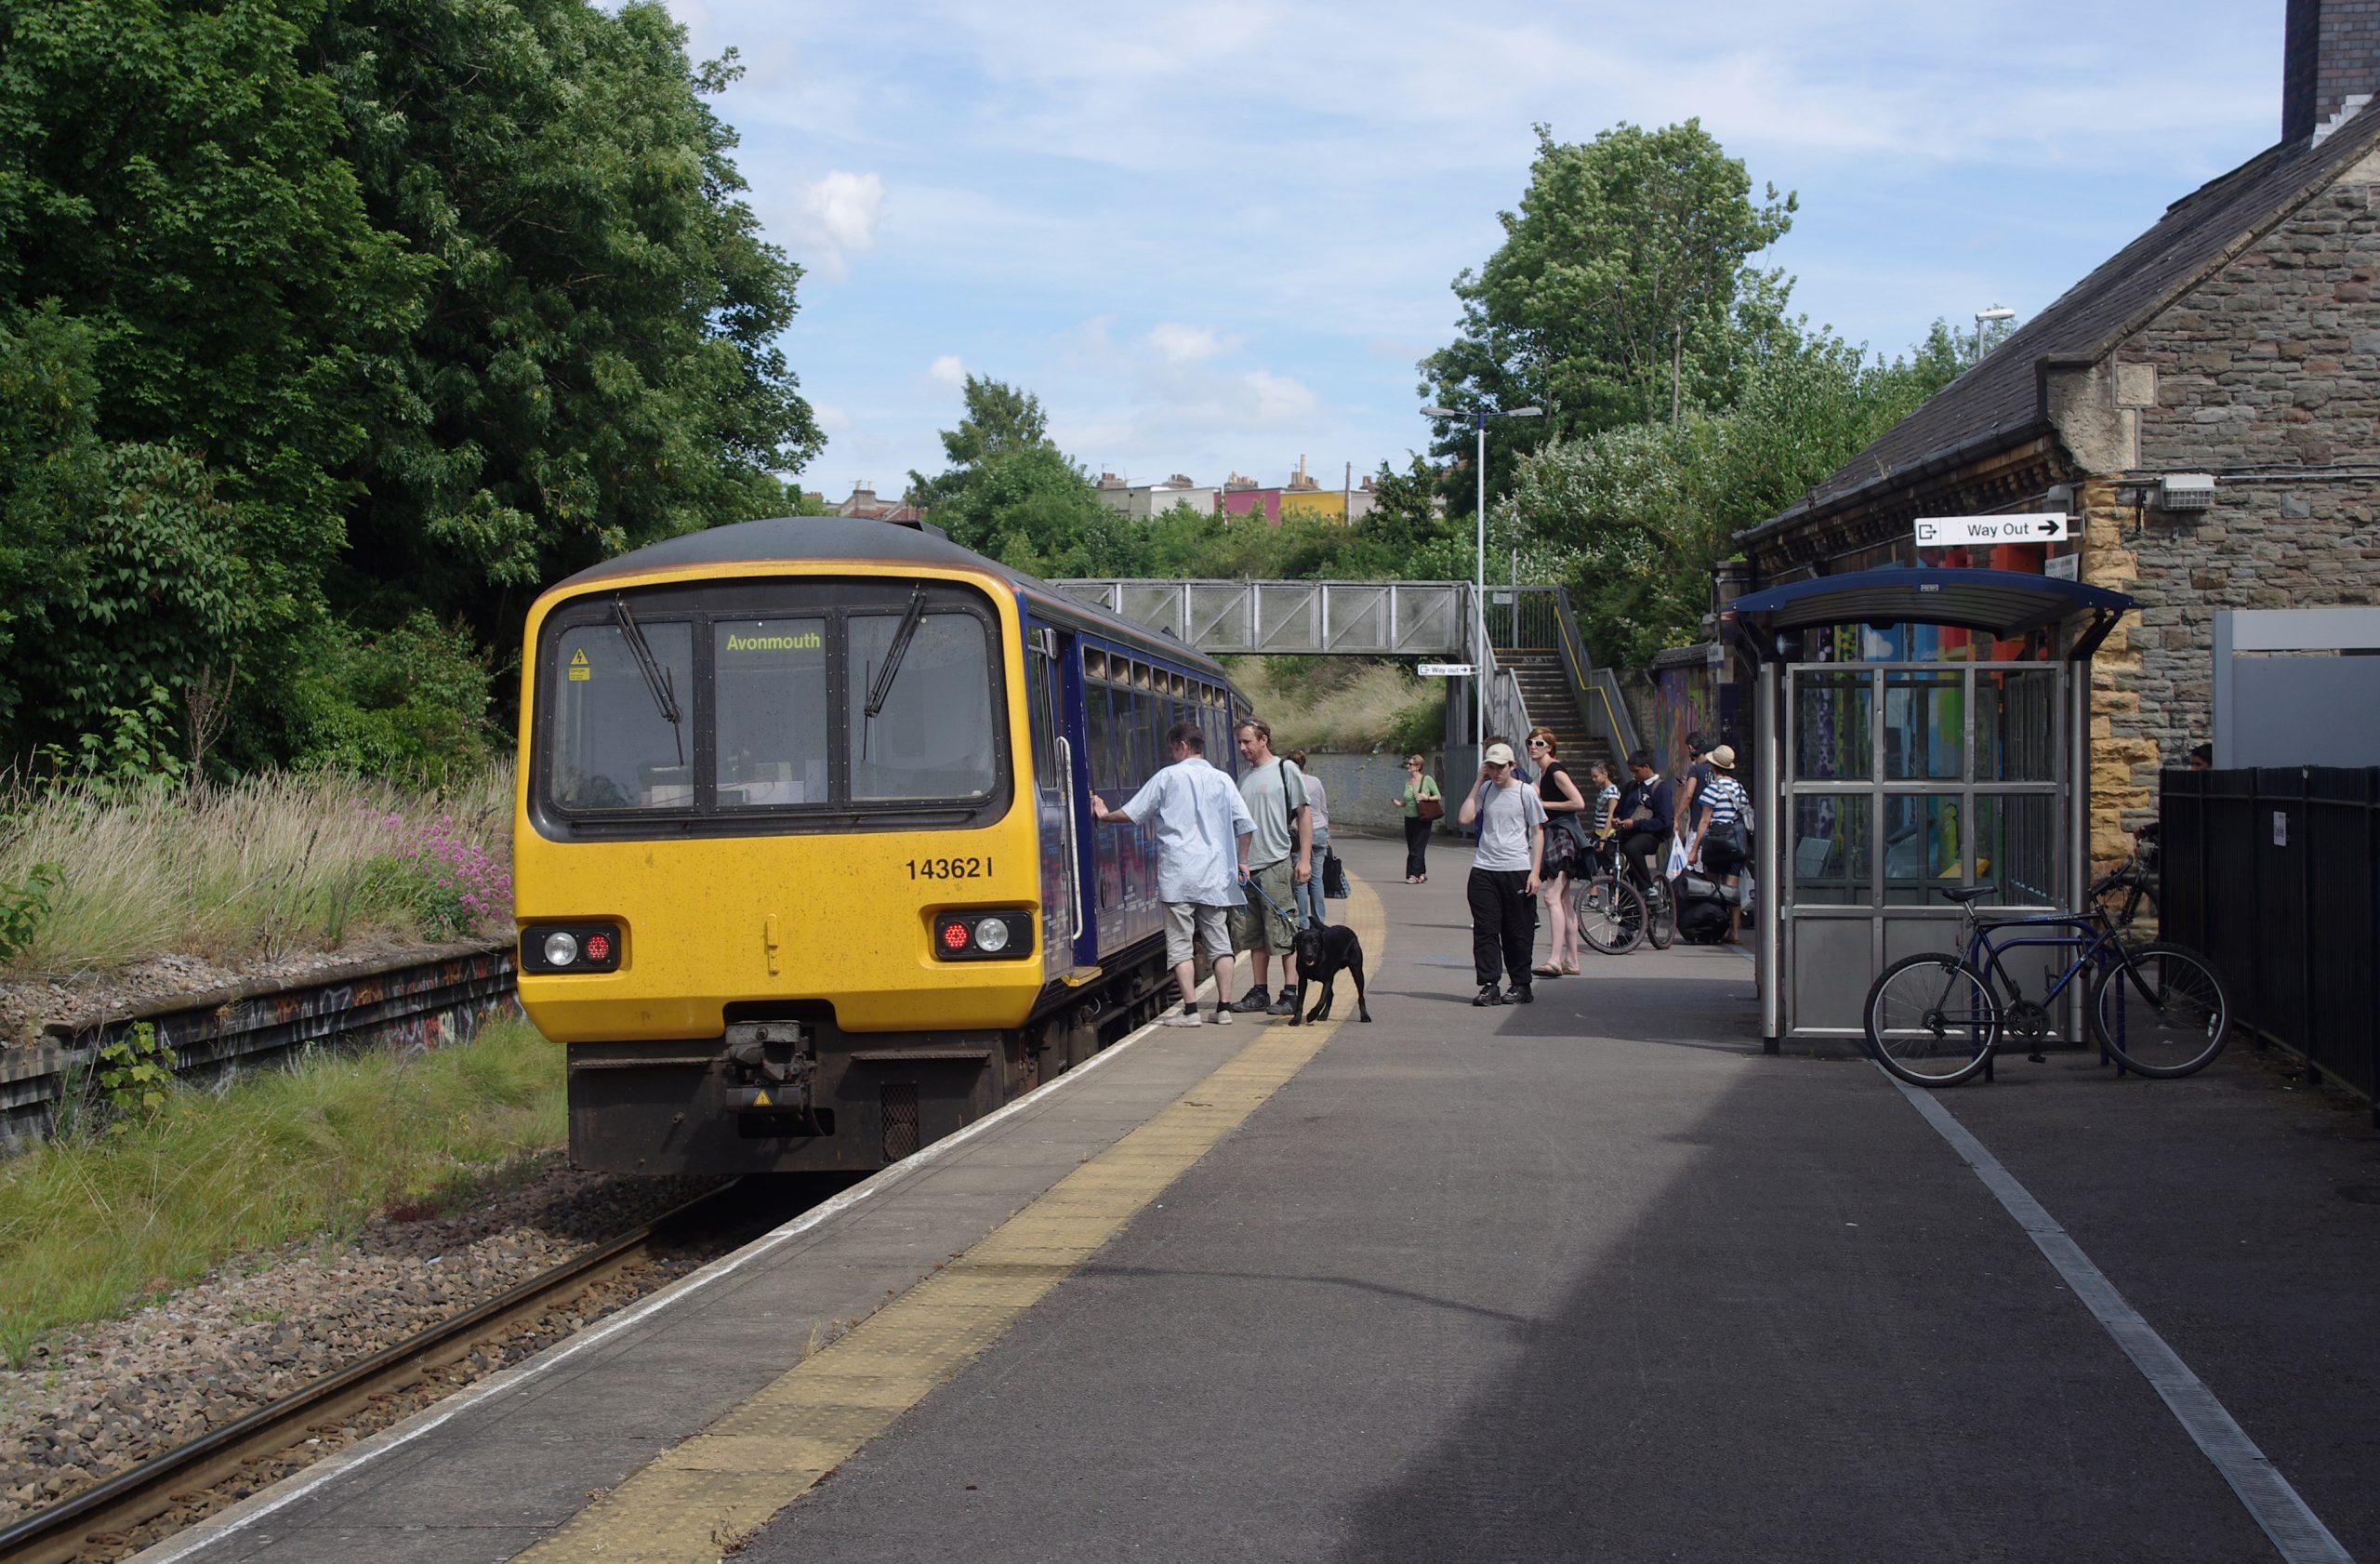 Montpelier railway station